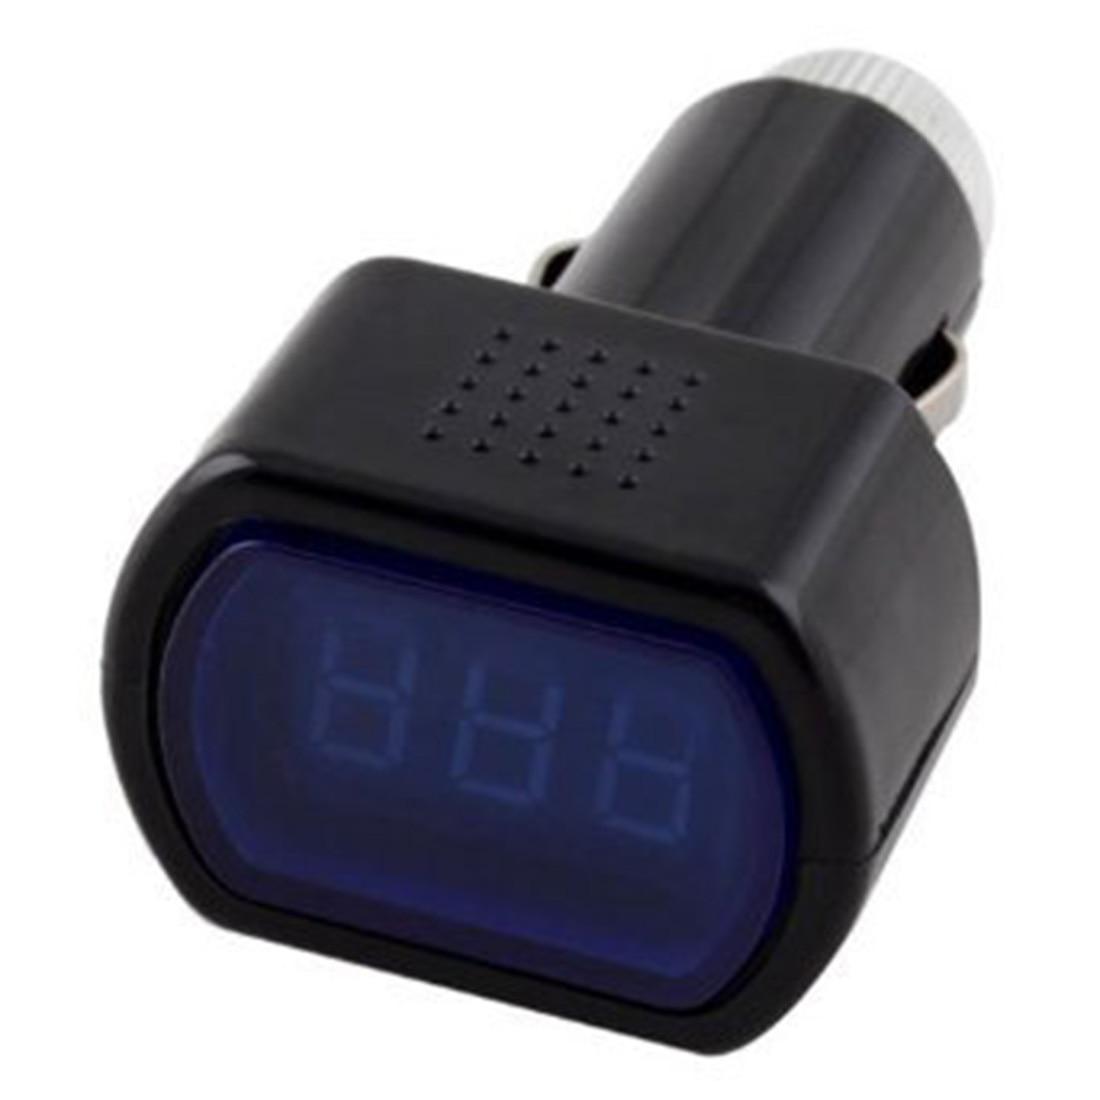 12-24V Voltmeter Gauge Retail LED Digital Car Volt Voltage Meter Battery Electric Cigarette Lighter Univesal Car Auto